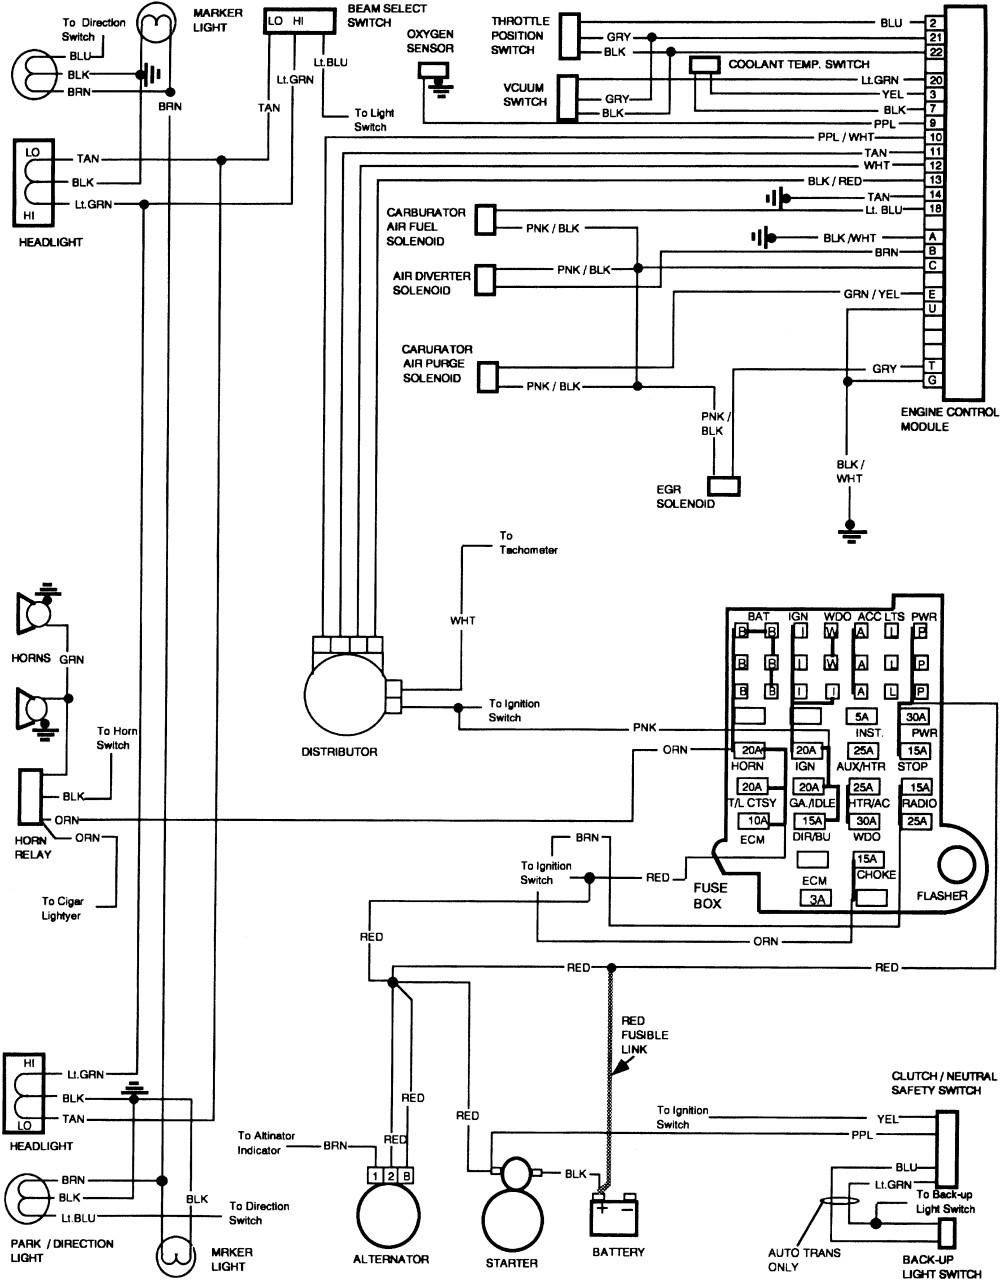 Remarkable Chevy K20 Wiring Diagram Basic Electronics Wiring Diagram Wiring Cloud Biosomenaidewilluminateatxorg